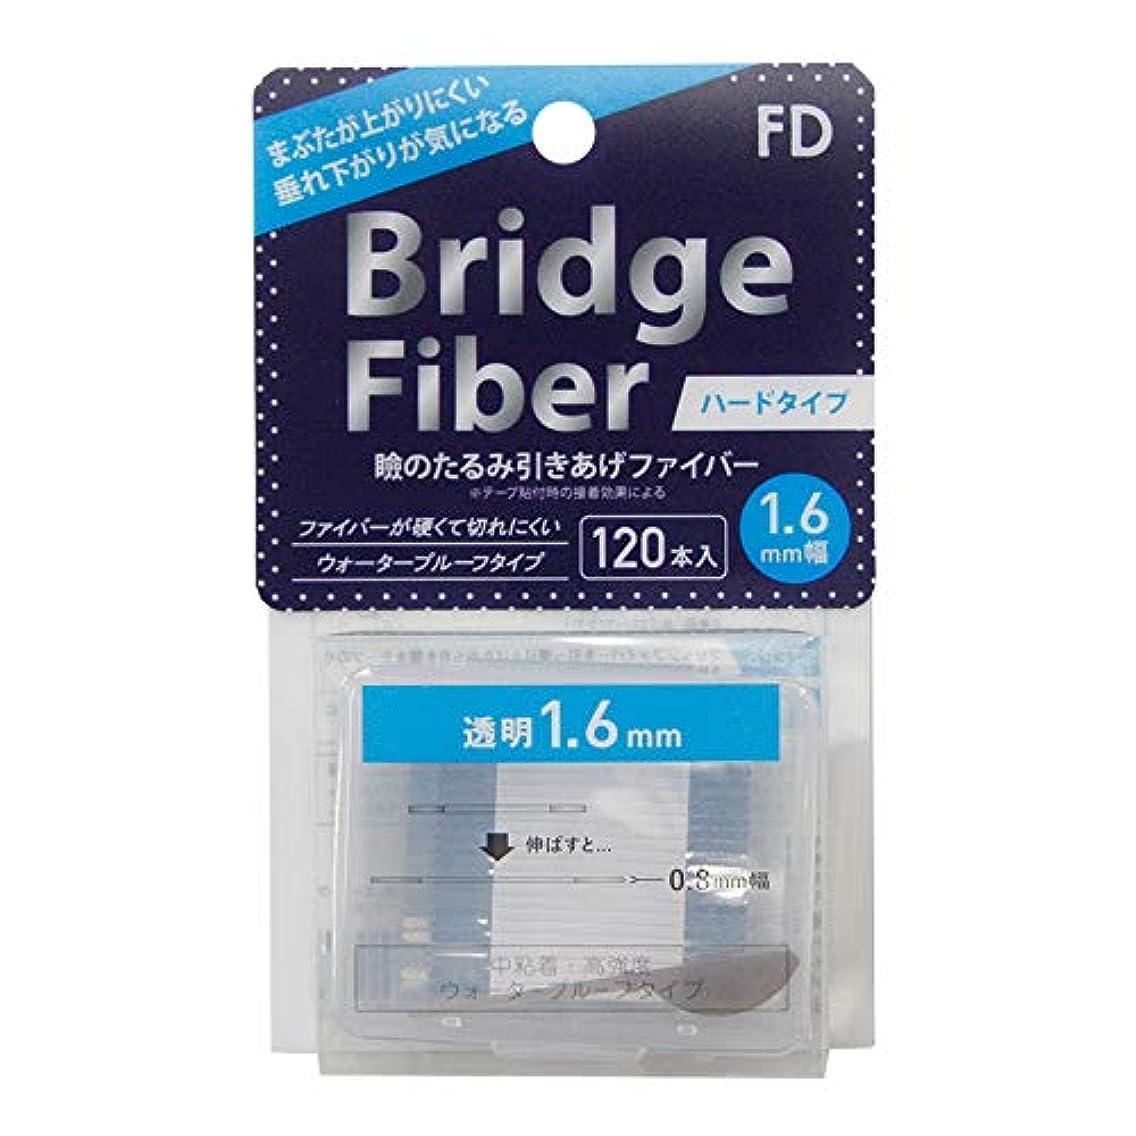 スイッチ絡み合い夜明けにFD ブリッジハードファイバー 眼瞼下垂防止テープ ハードタイプ 透明1.6mm幅 120本入り